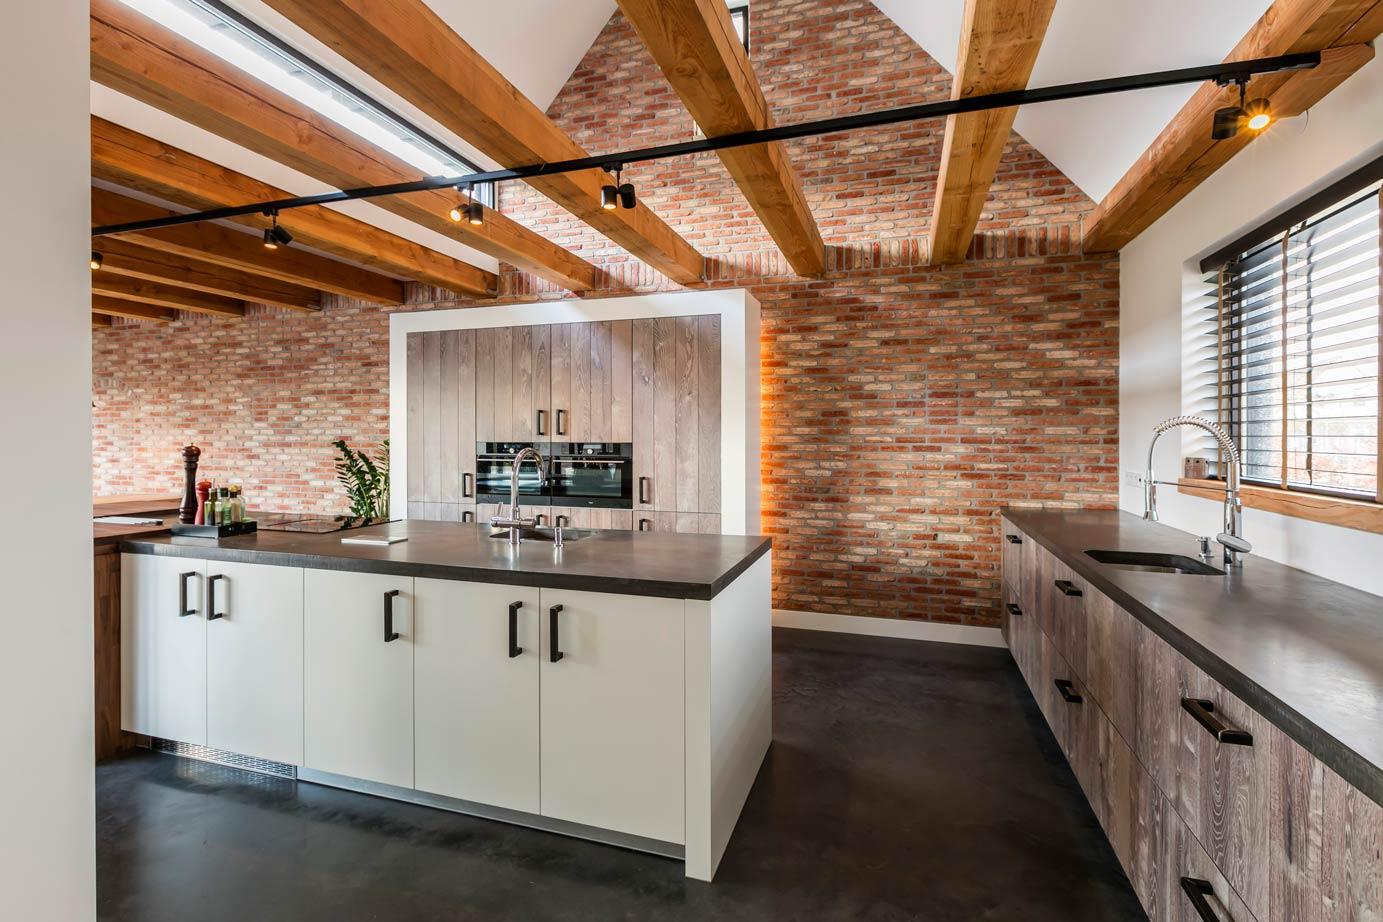 Stoere Landelijk Keuken : Landelijke keuken hout in nieuw afbeeldingen van landelijke keuken